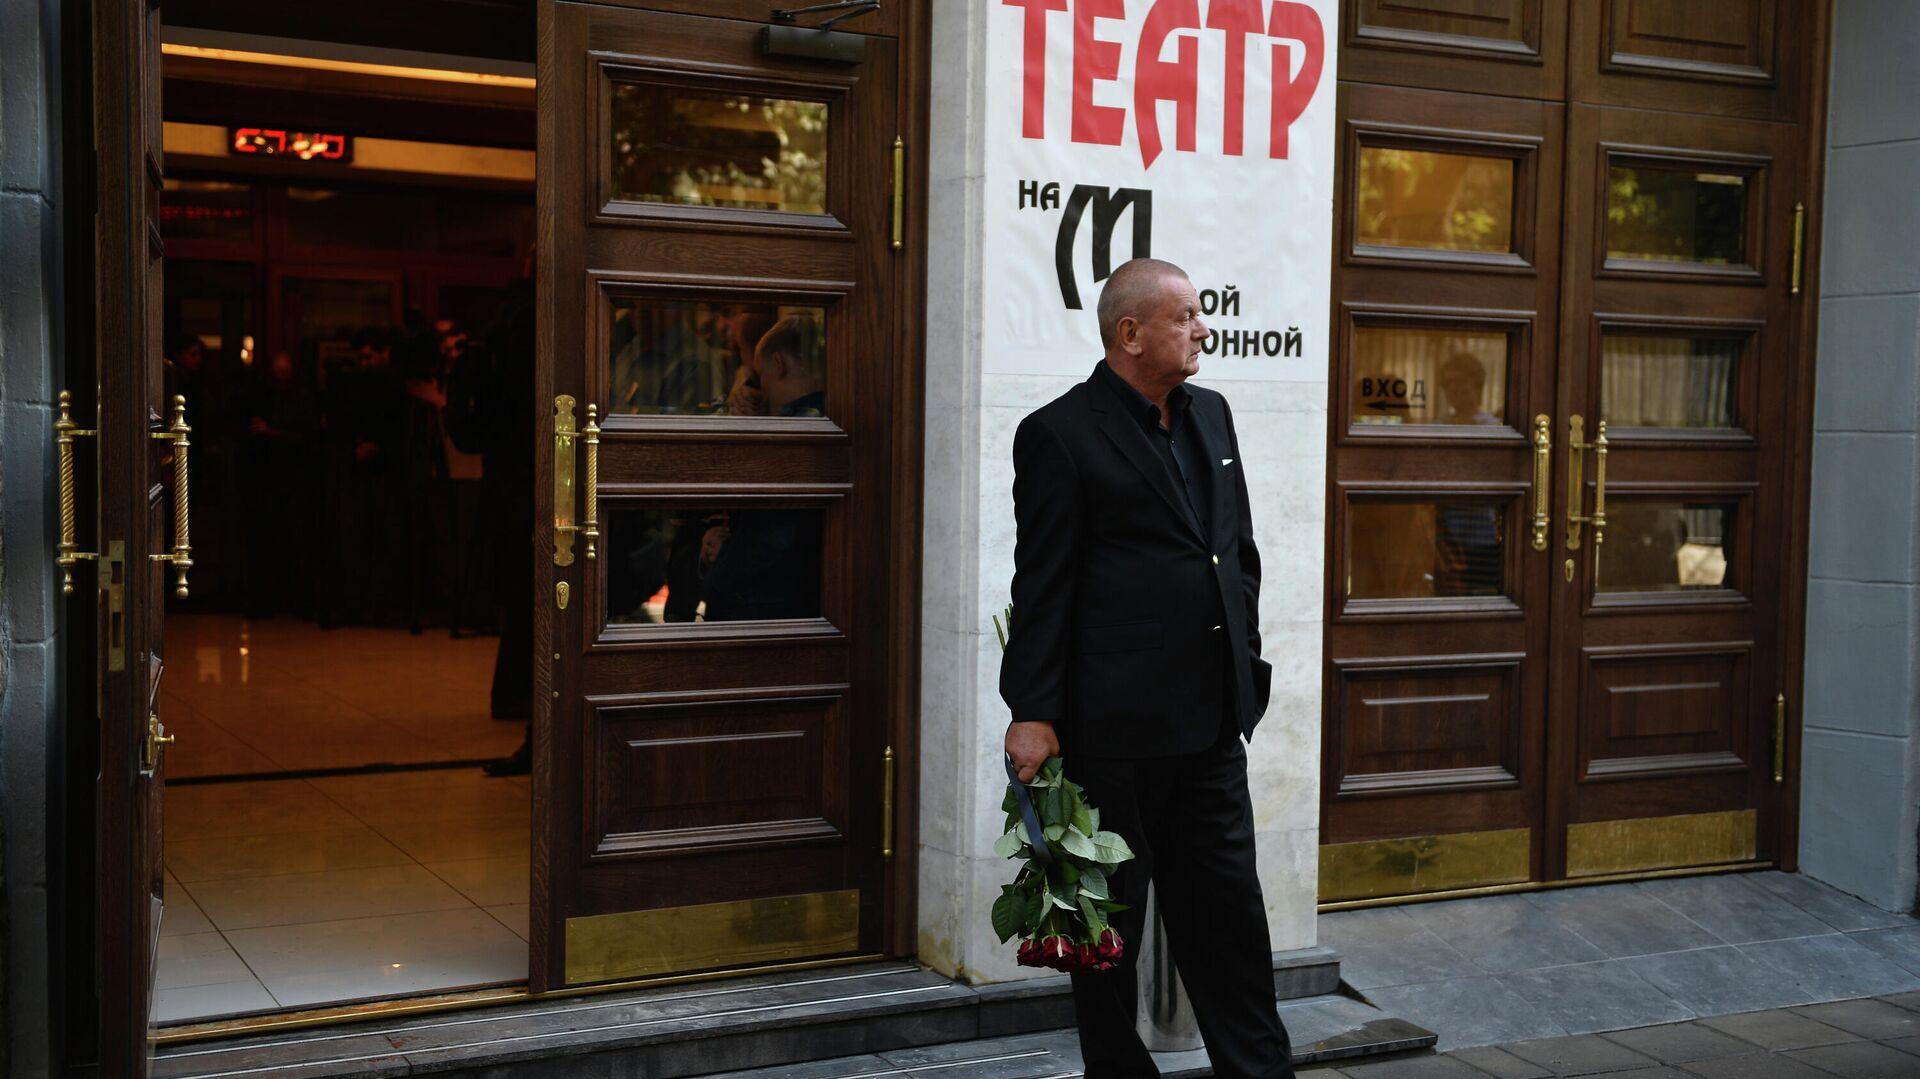 Вход в здание Театра на Малой Бронной - РИА Новости, 1920, 10.09.2020